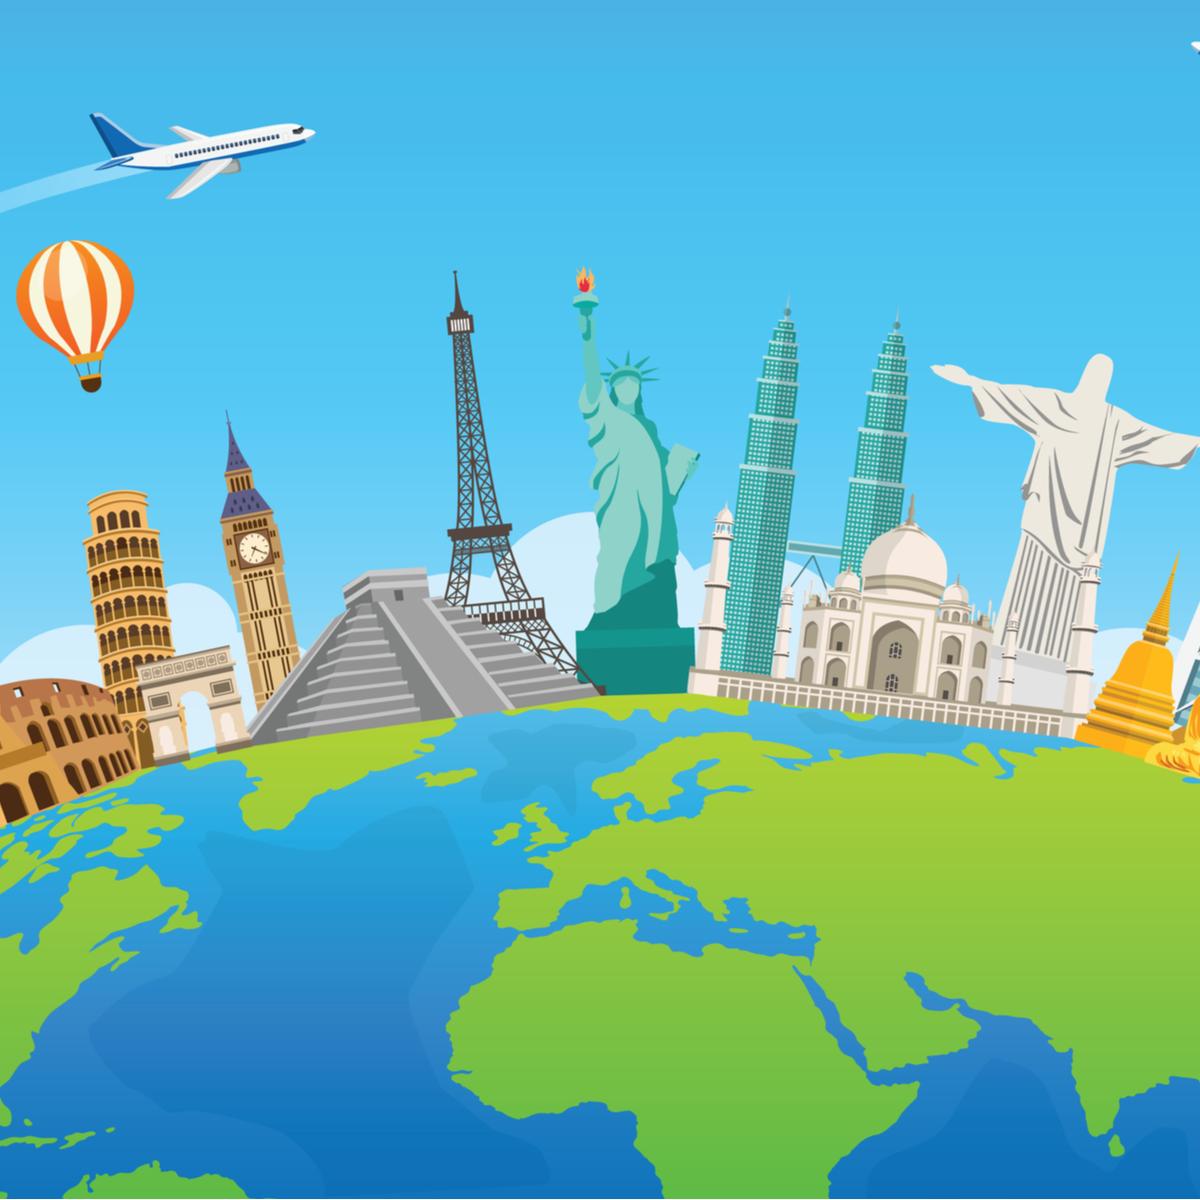 ท่องเที่ยว/ต่างประเทศ-หมวดหมู่-หน้าปก-อุ๊คบี